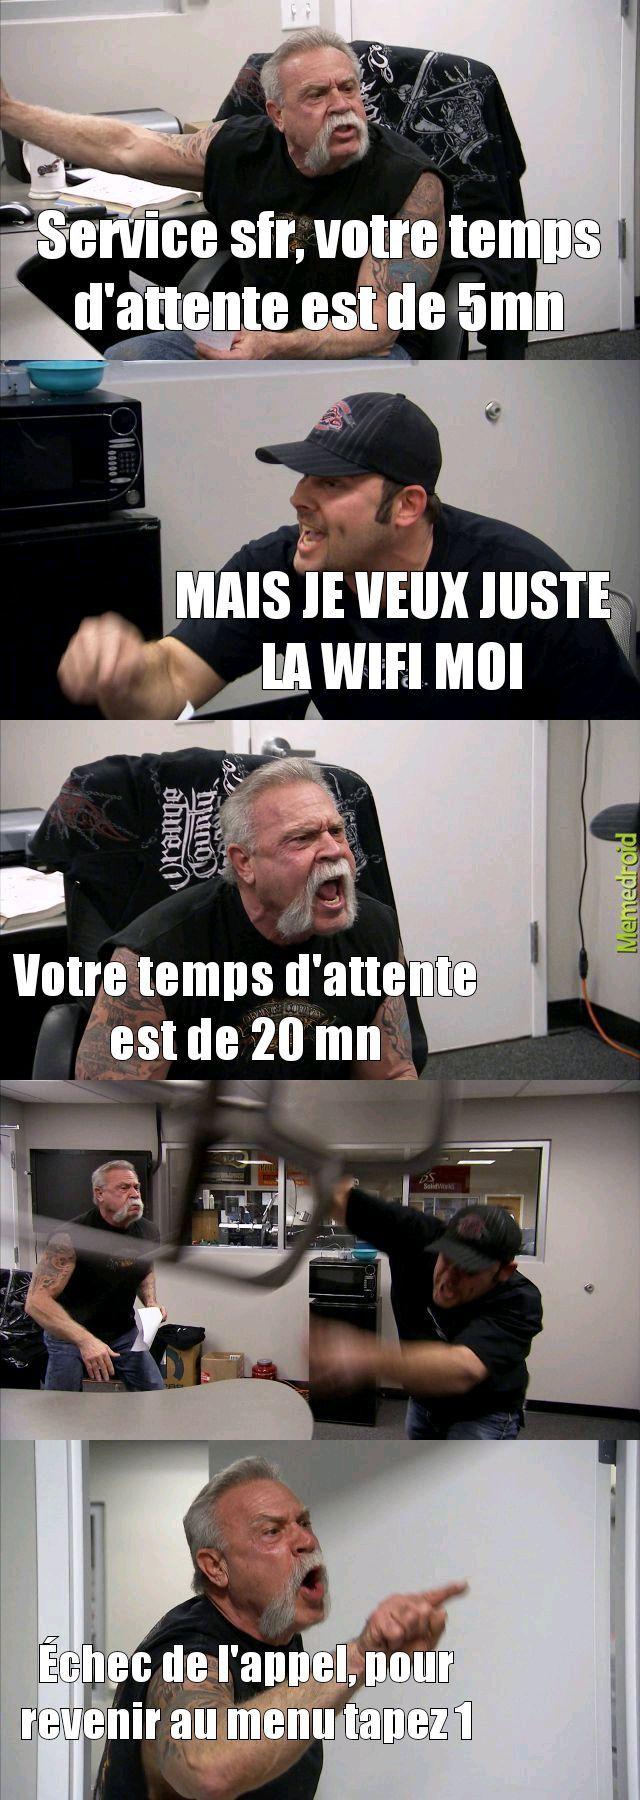 Les services wifi, ces coquins - meme